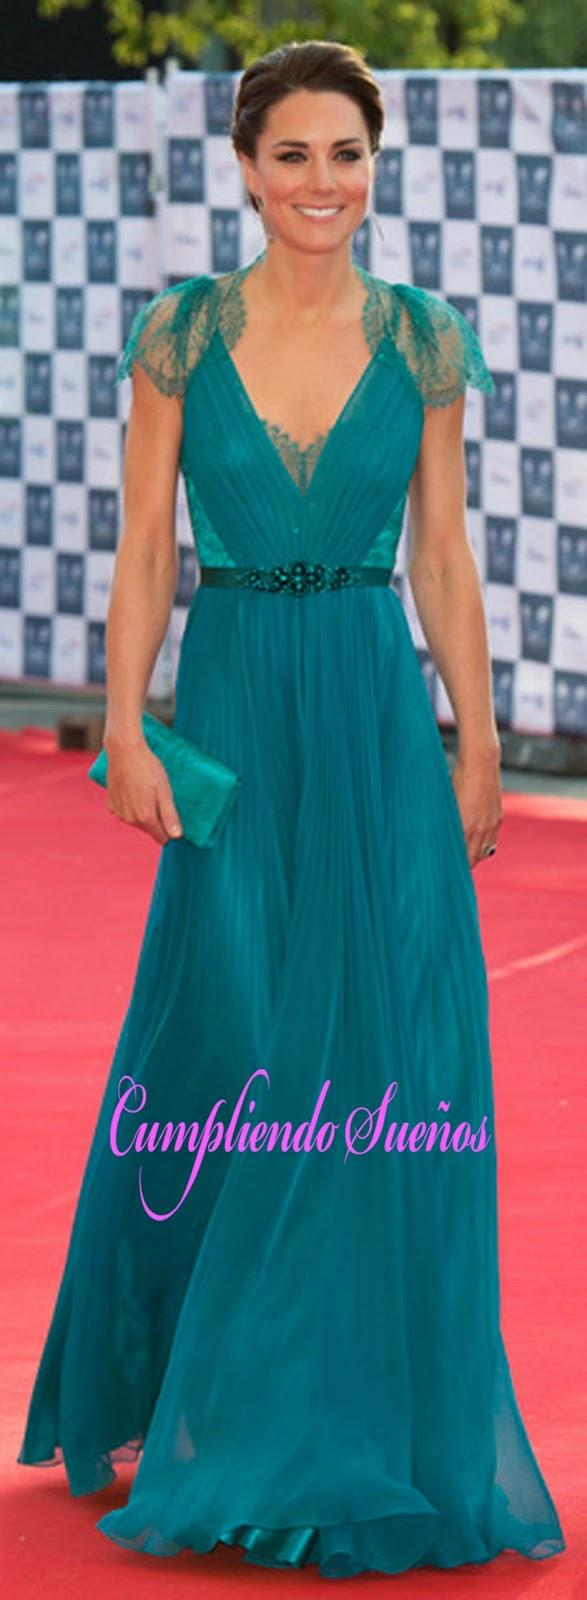 Cumpliendo Sueños: Nancy se viste de princesa europea - Inauguración ...